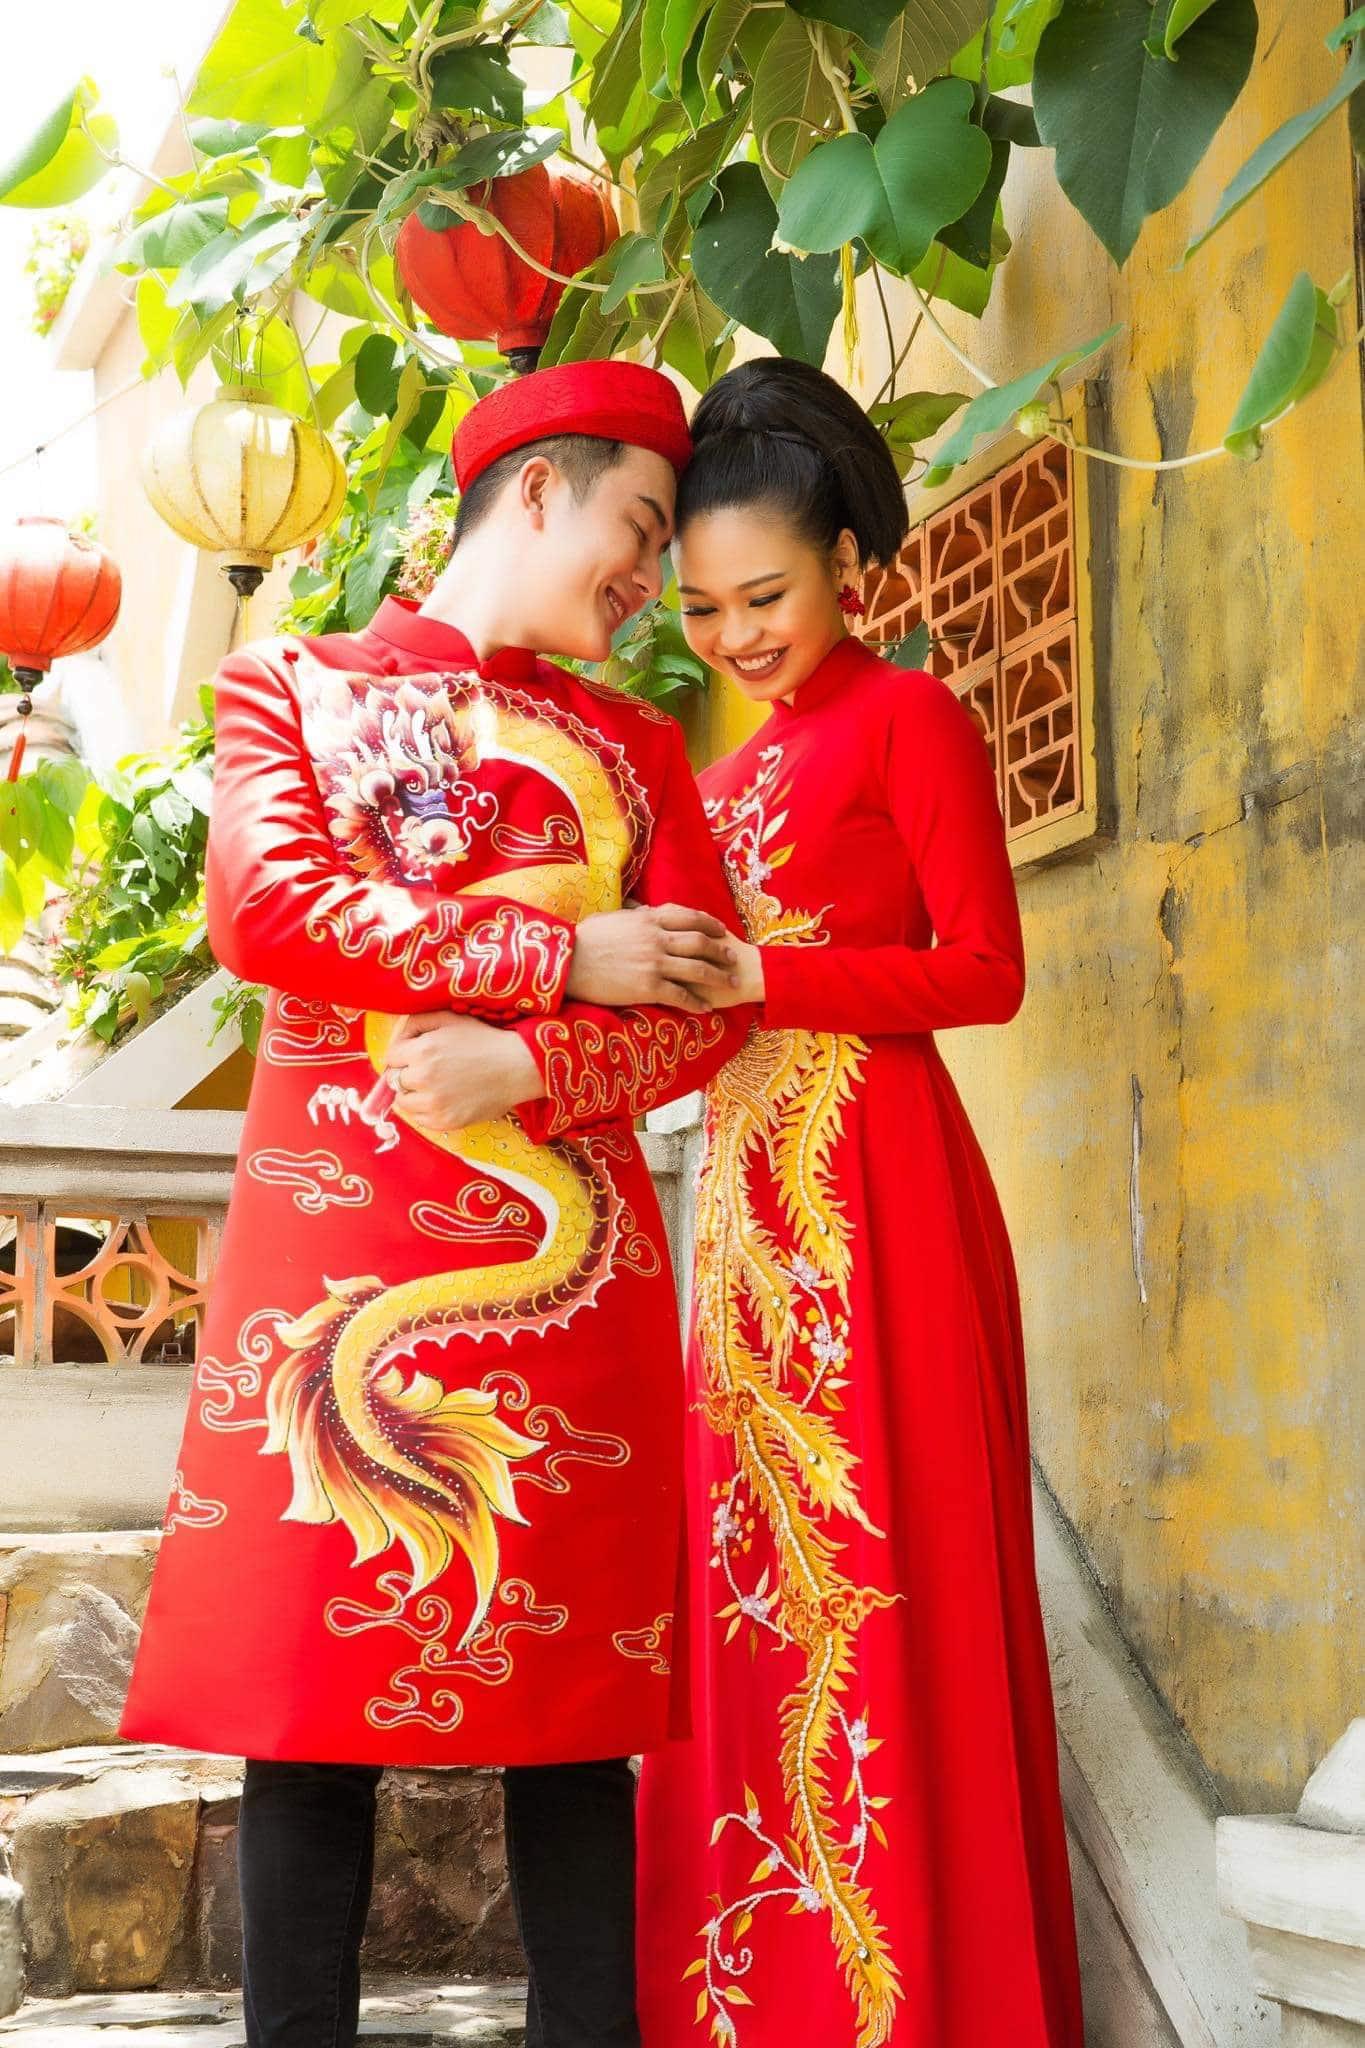 áo dài cặp đỏ vẽ rồng phụng tươi trẻ